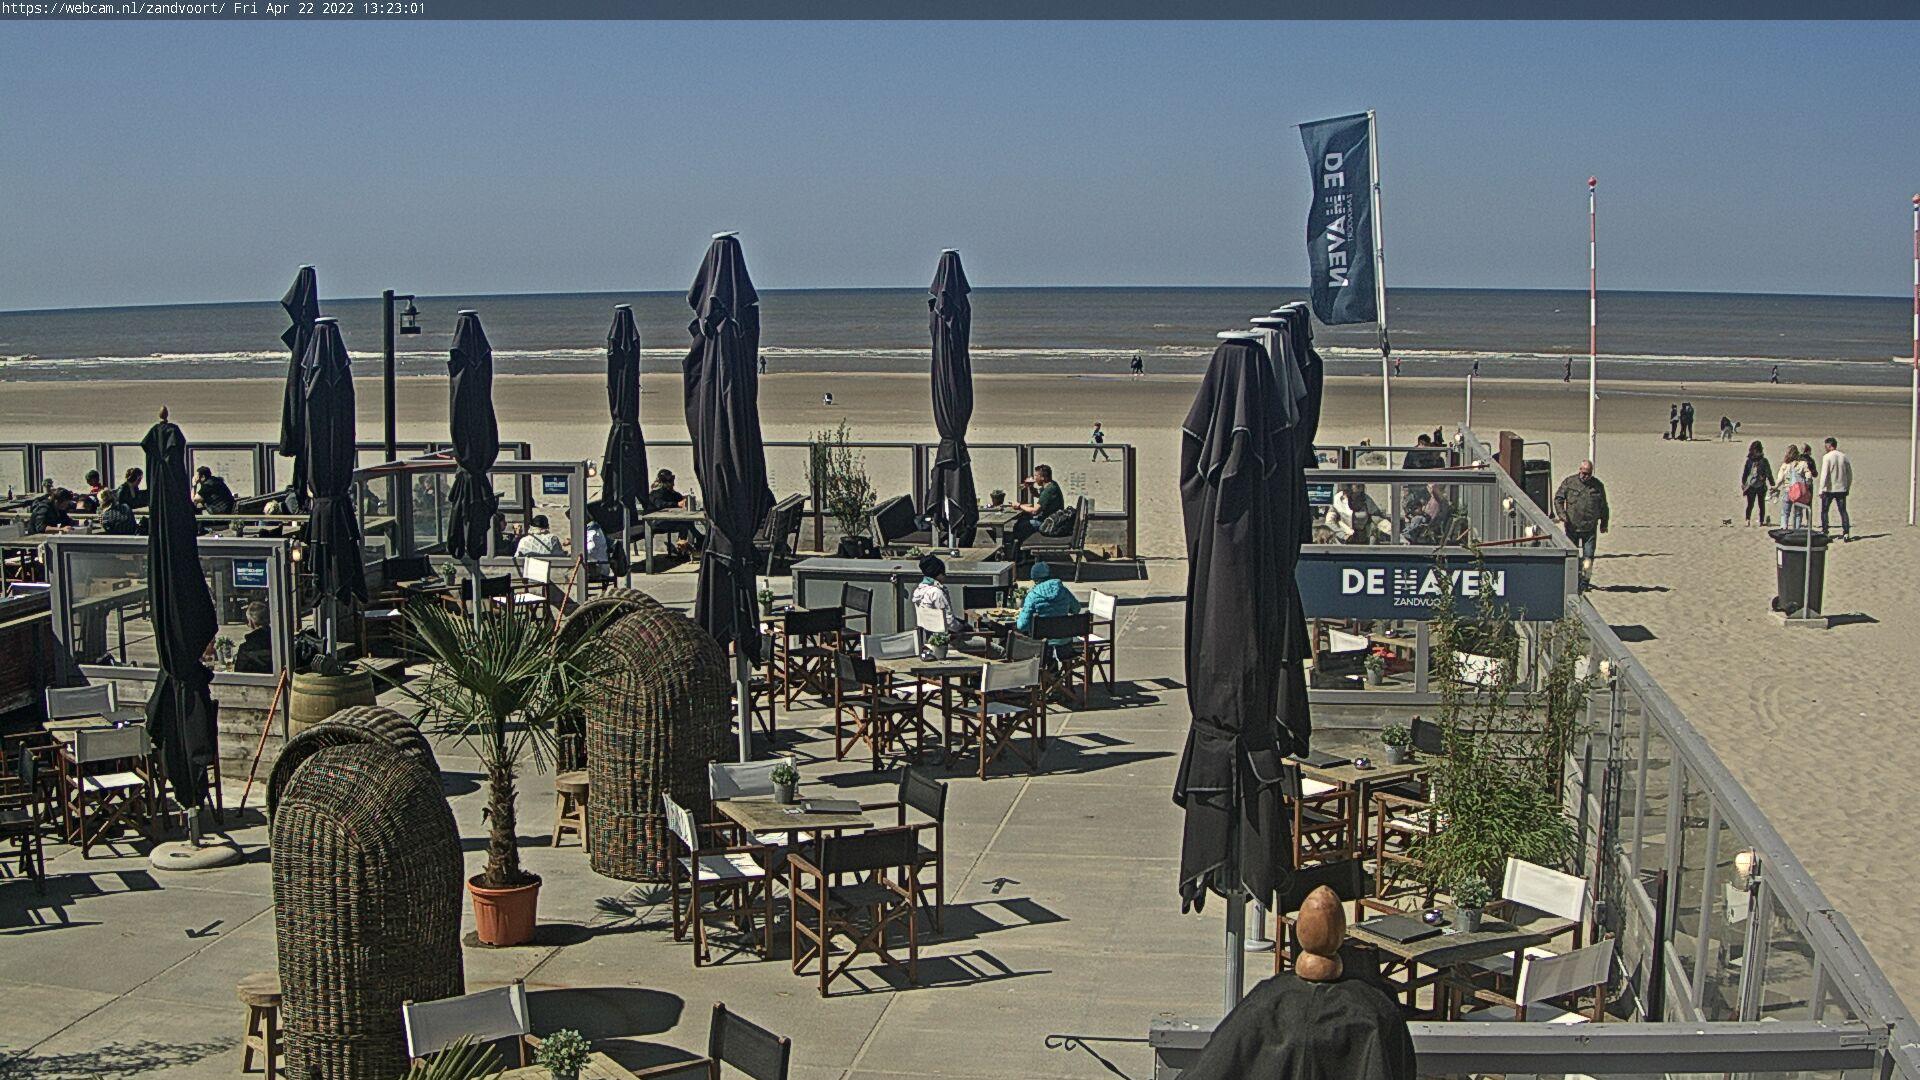 WebCam.NL | LIVE camera Haven van Zandvoort strandpaviljoen.